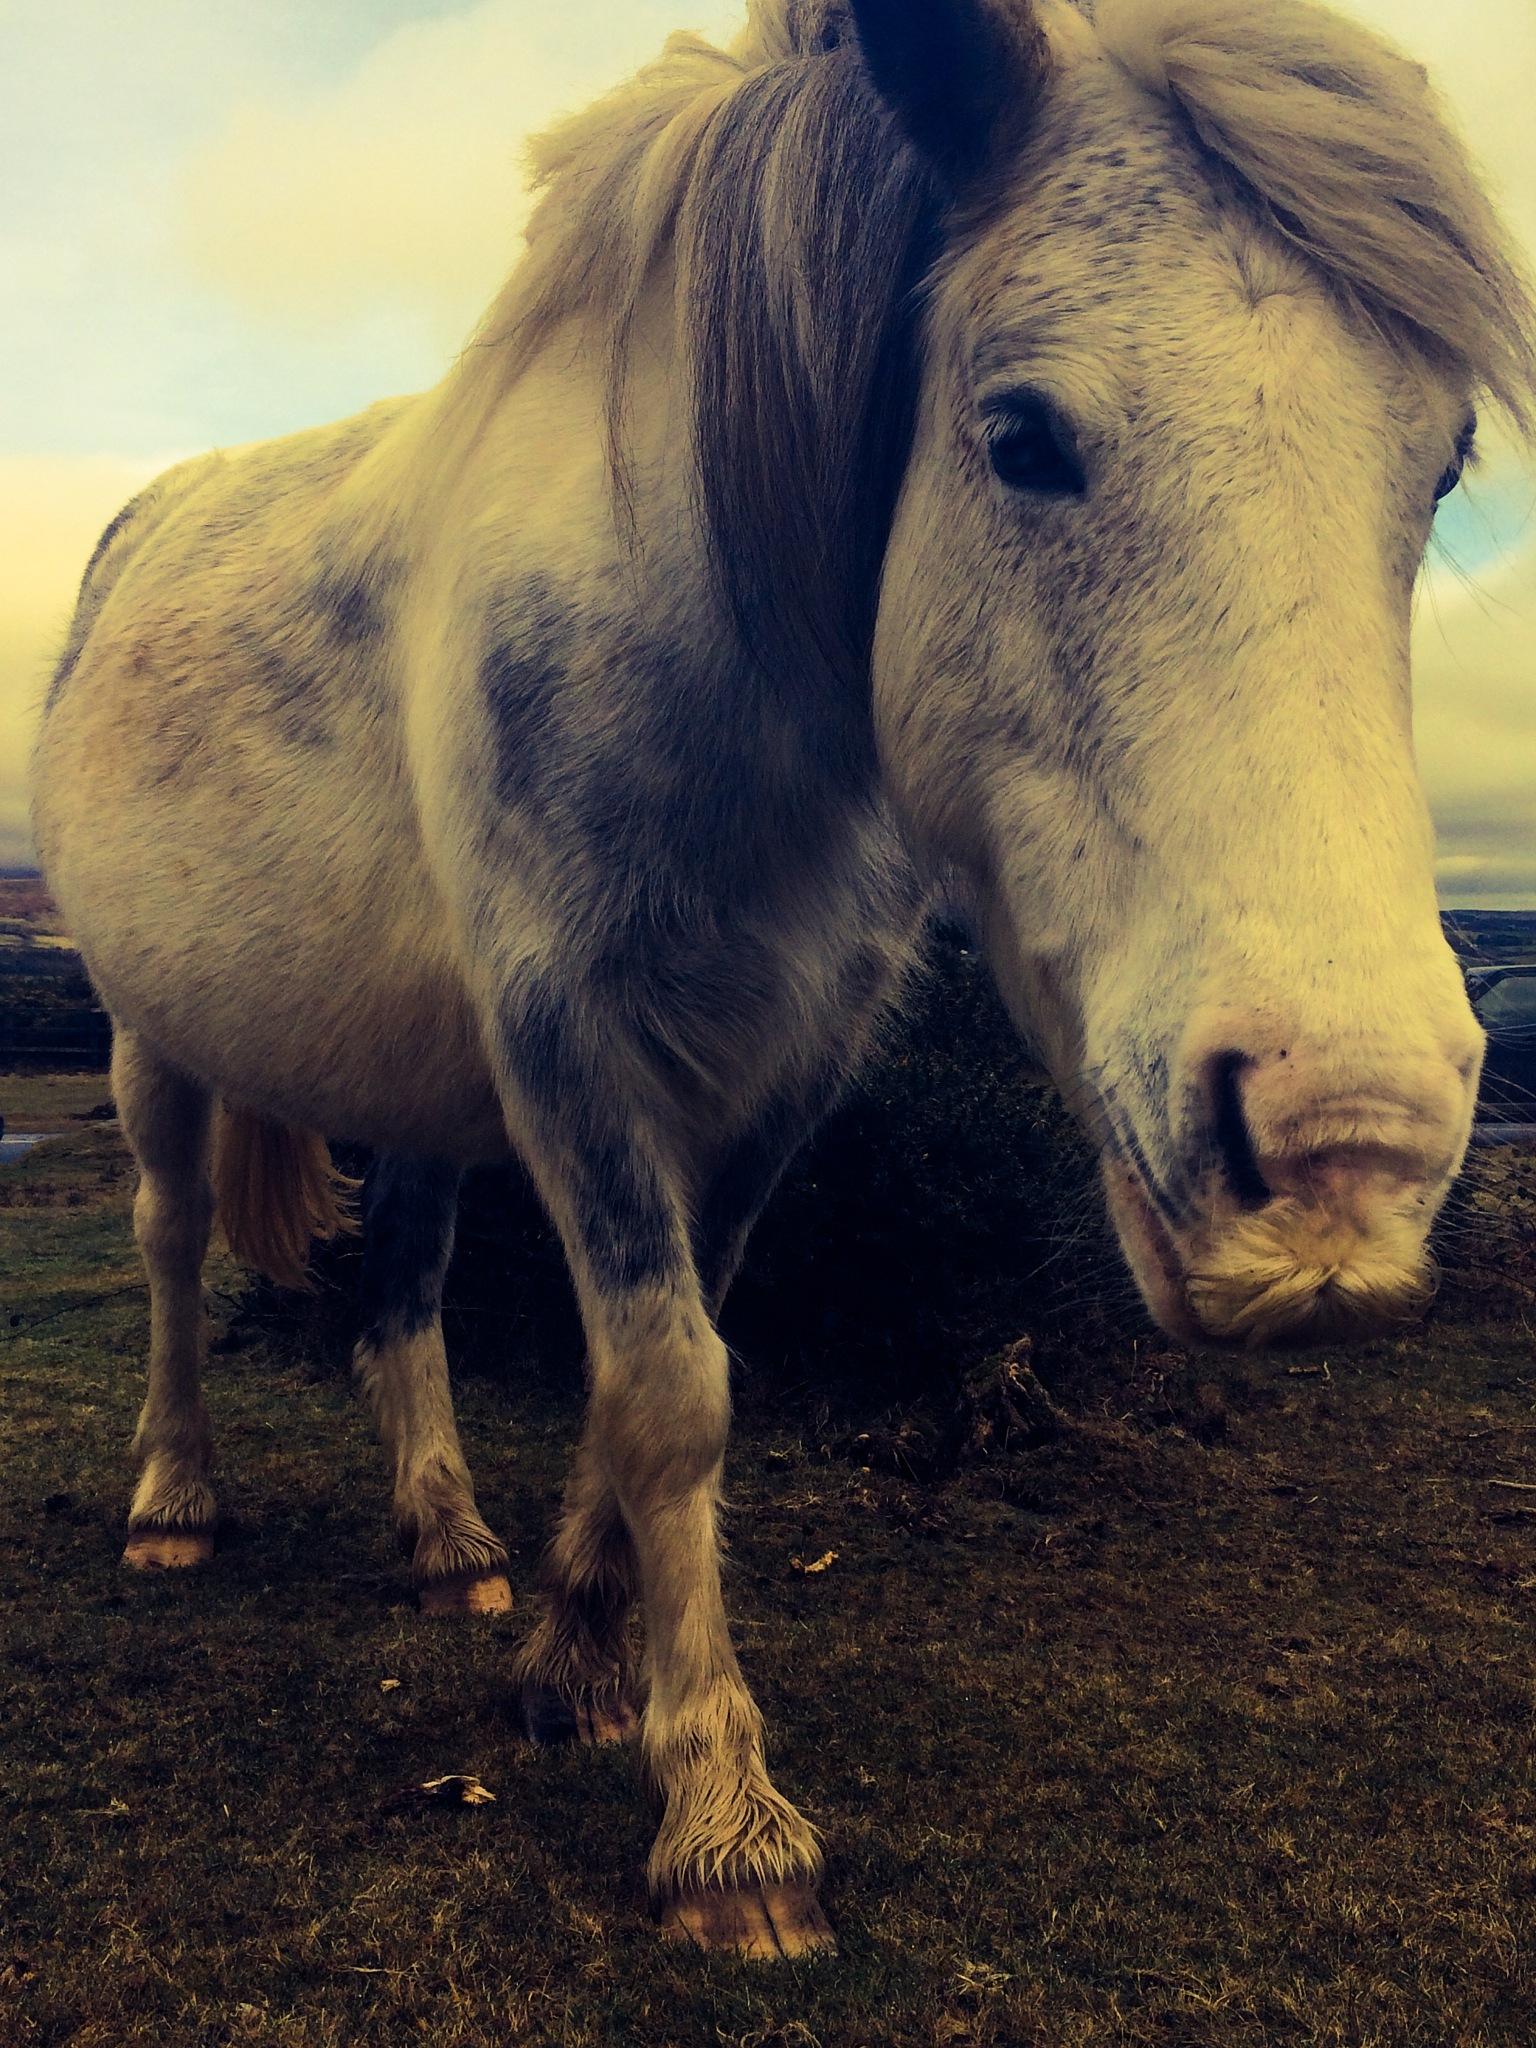 Dartmoor Pony 2 by Tracey Glazebrook